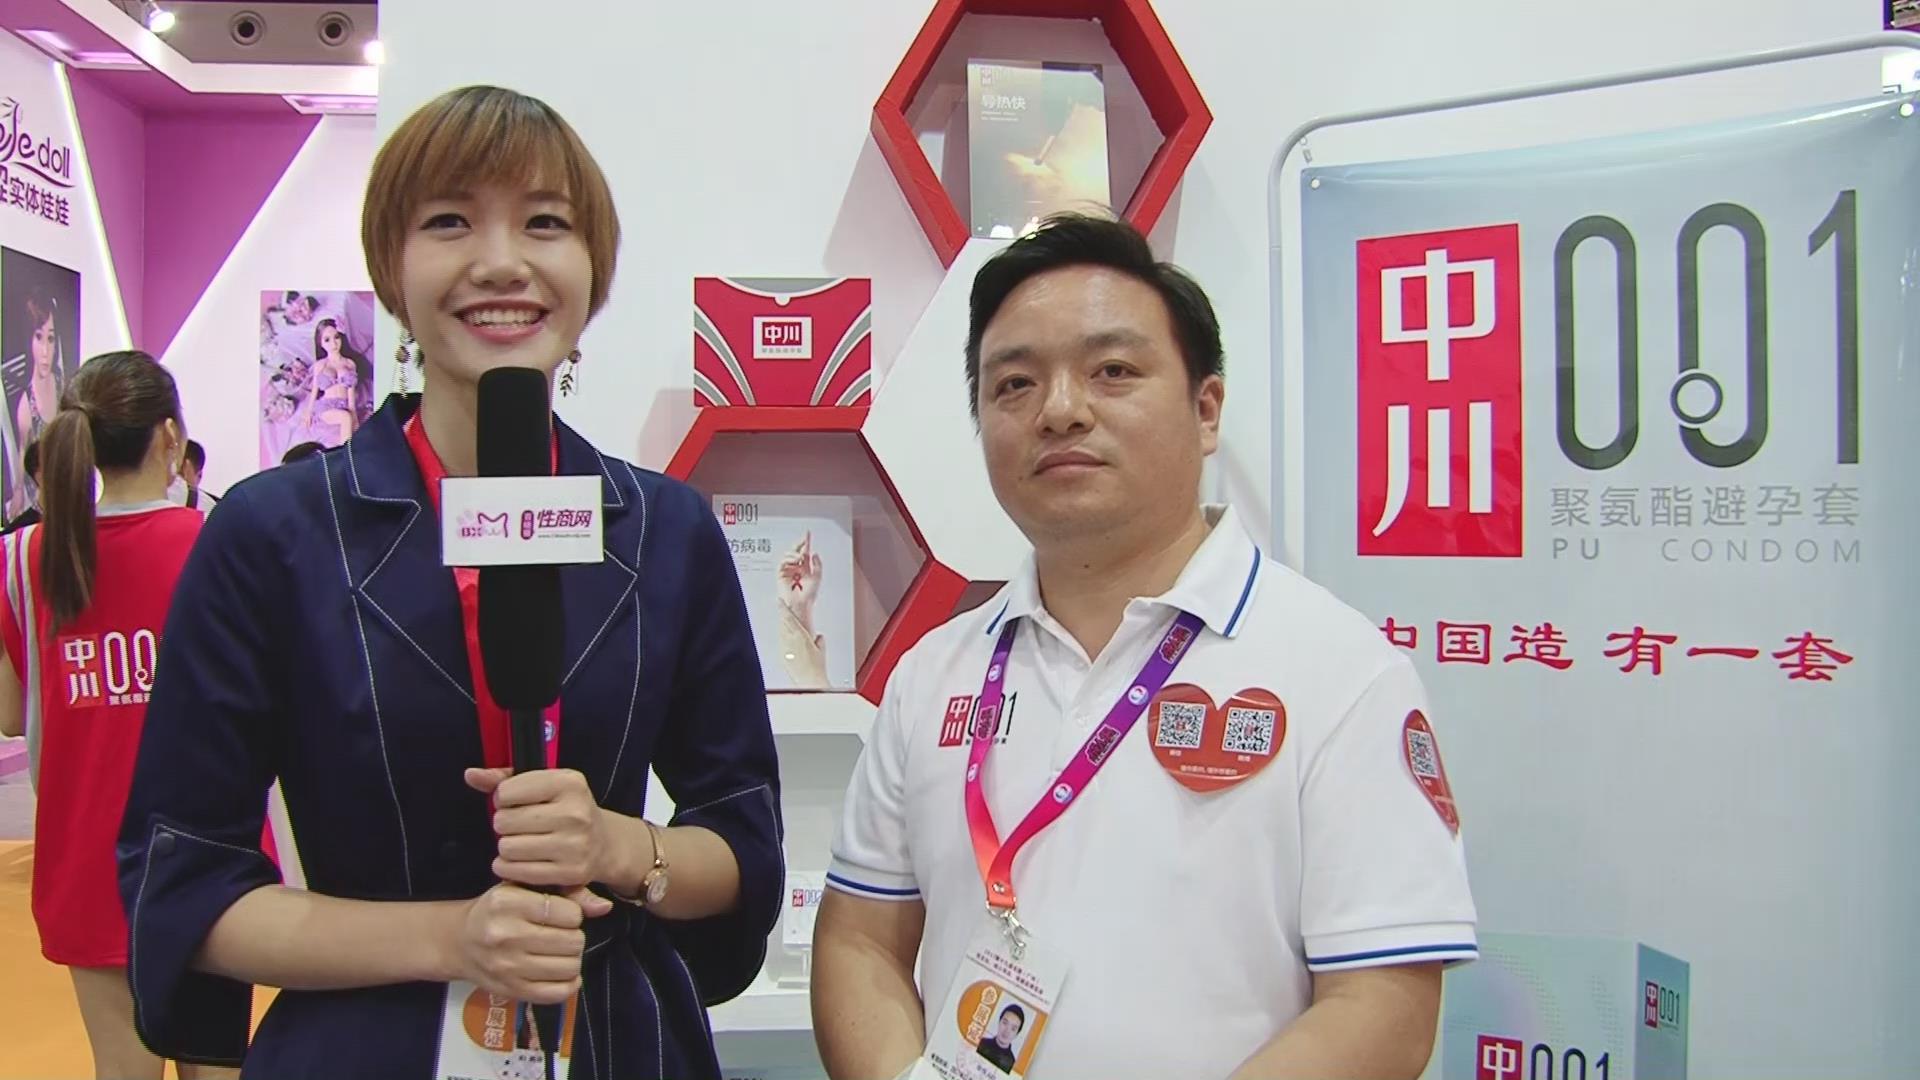 科天集团中川001黑科技安全套―广州成人展崭露头角